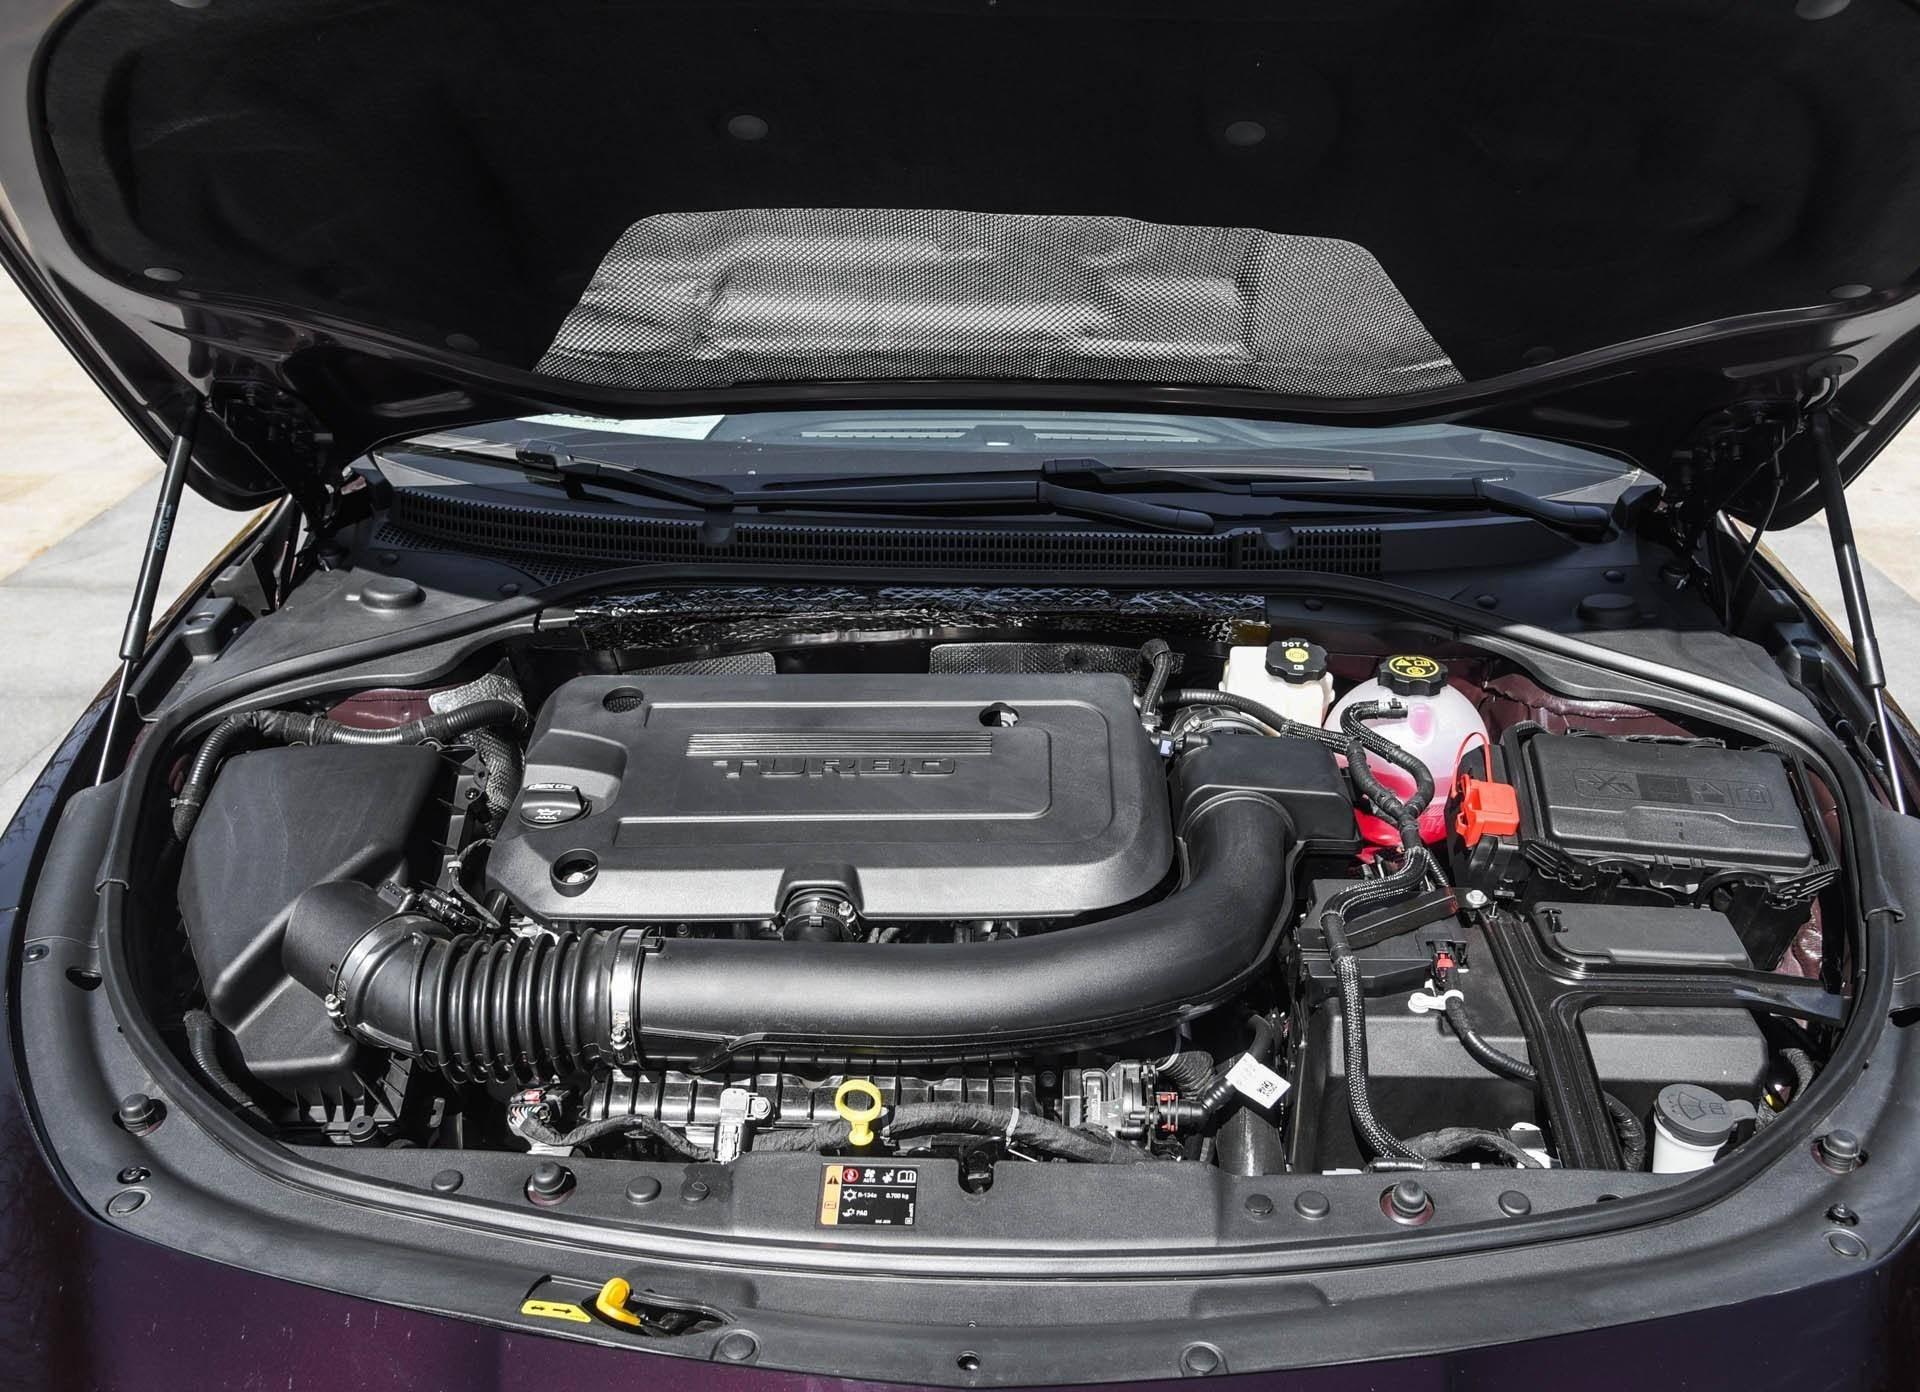 原装美国B级车更有内涵,线条犀利,更有范,扭矩高达350 Nm